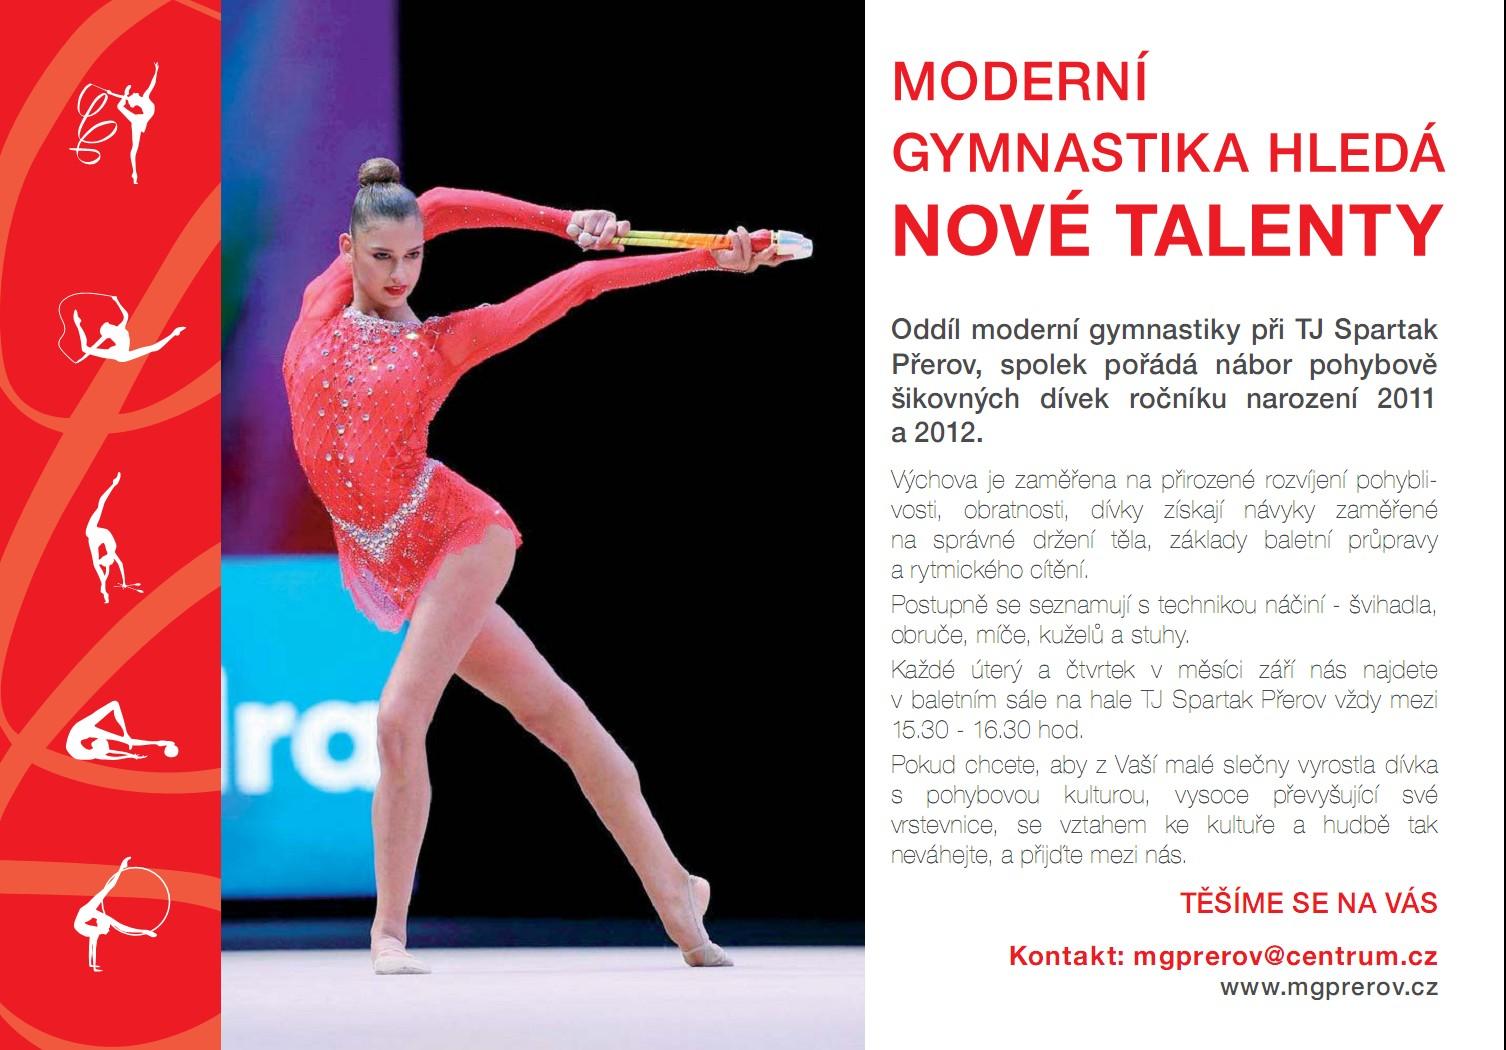 Moderní gymnastika hledá nové talenty